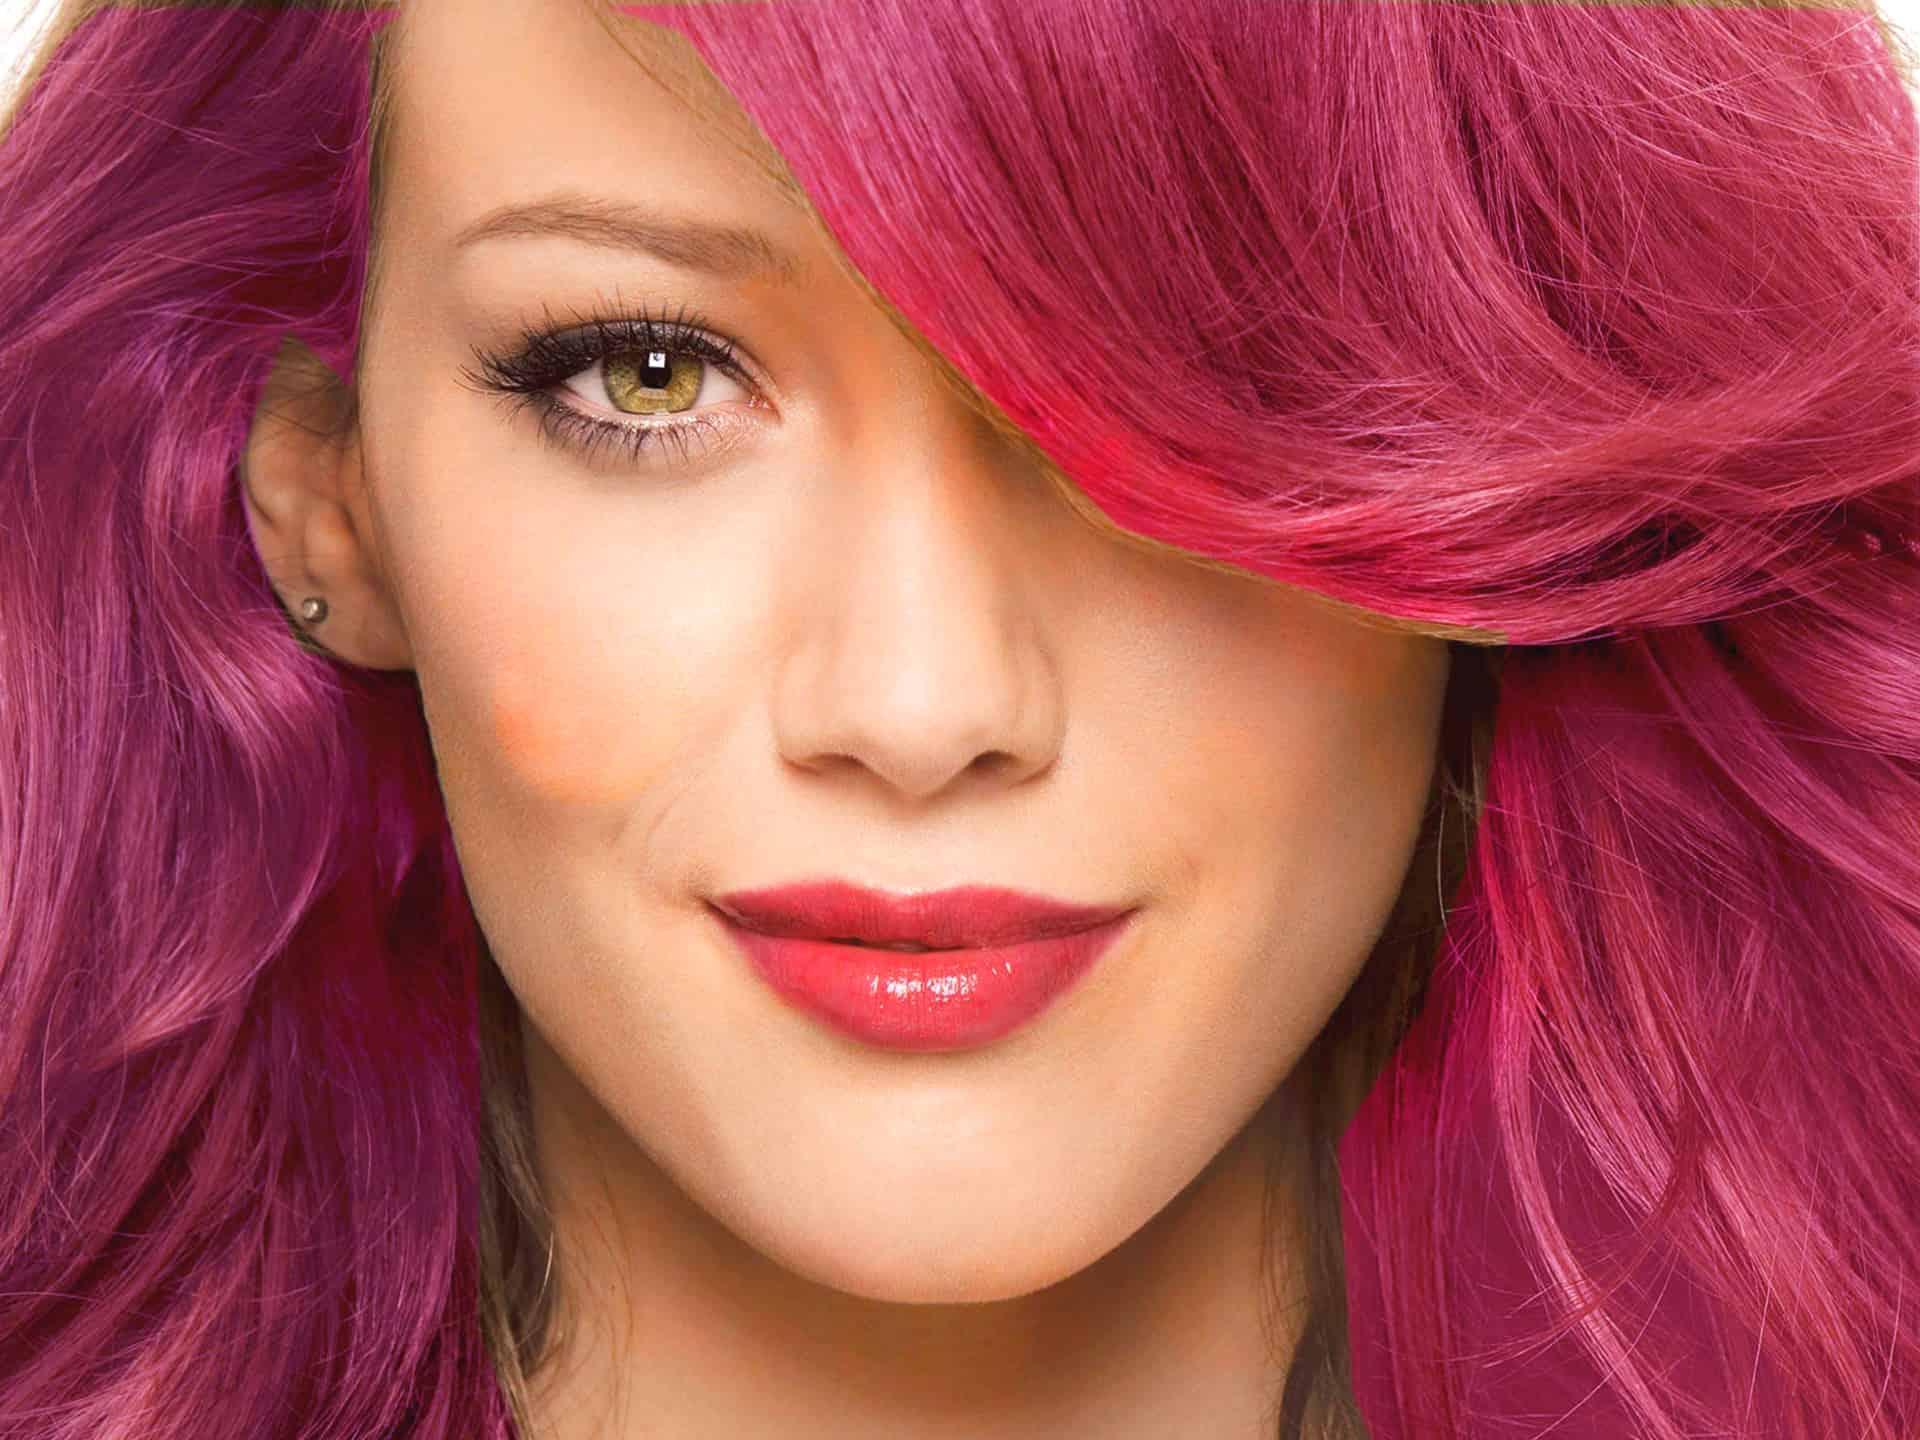 حيل منزلية للتخلص من صبغة الشعر باللون الأحمر